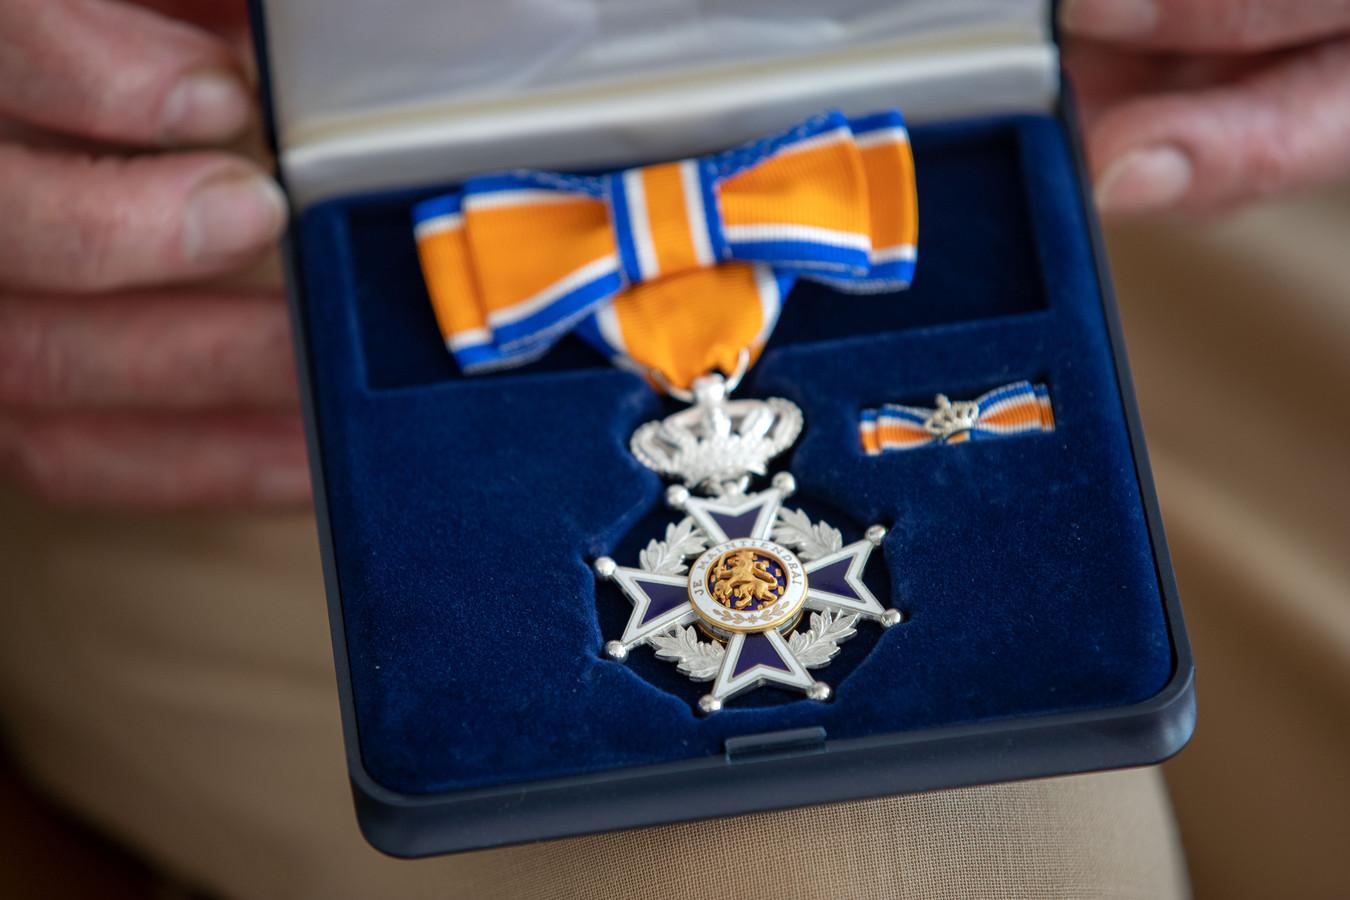 De voormalige brandweervrouw Ingrid Lenferink-Neplenbroek in Heino heeft een koninklijke onderscheiding ontvangen.